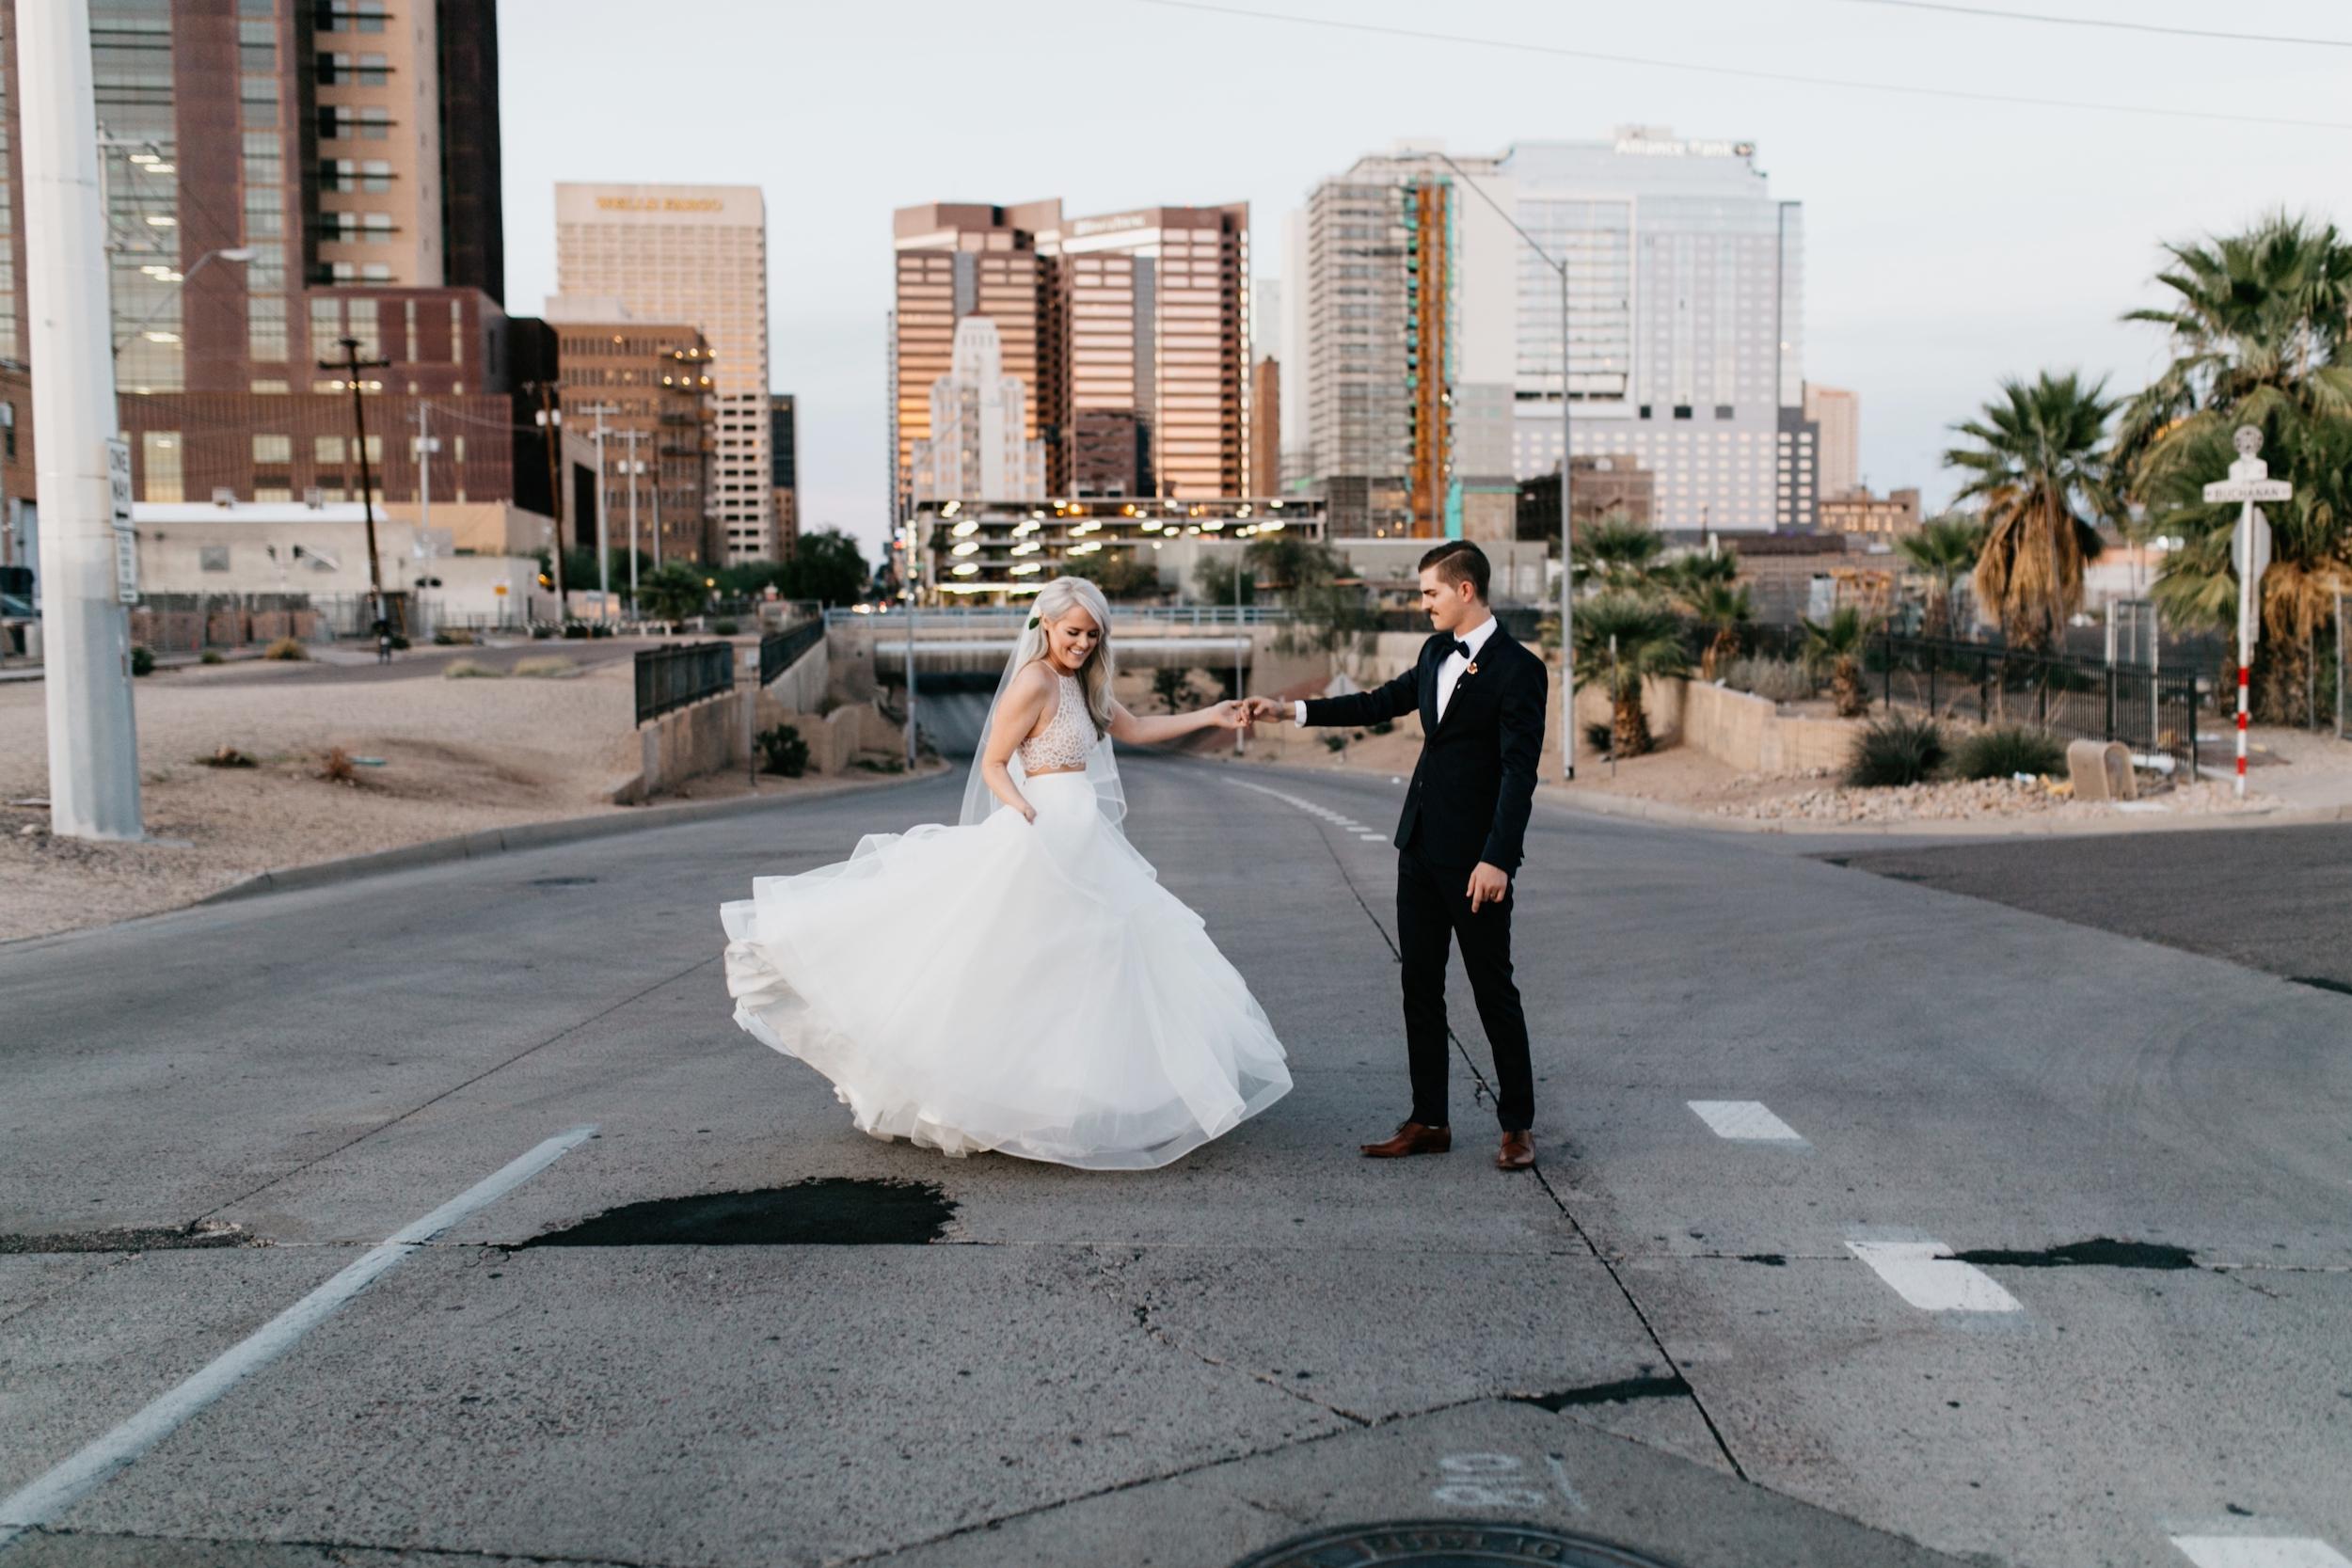 arizona - wedding - photography 01679.jpg